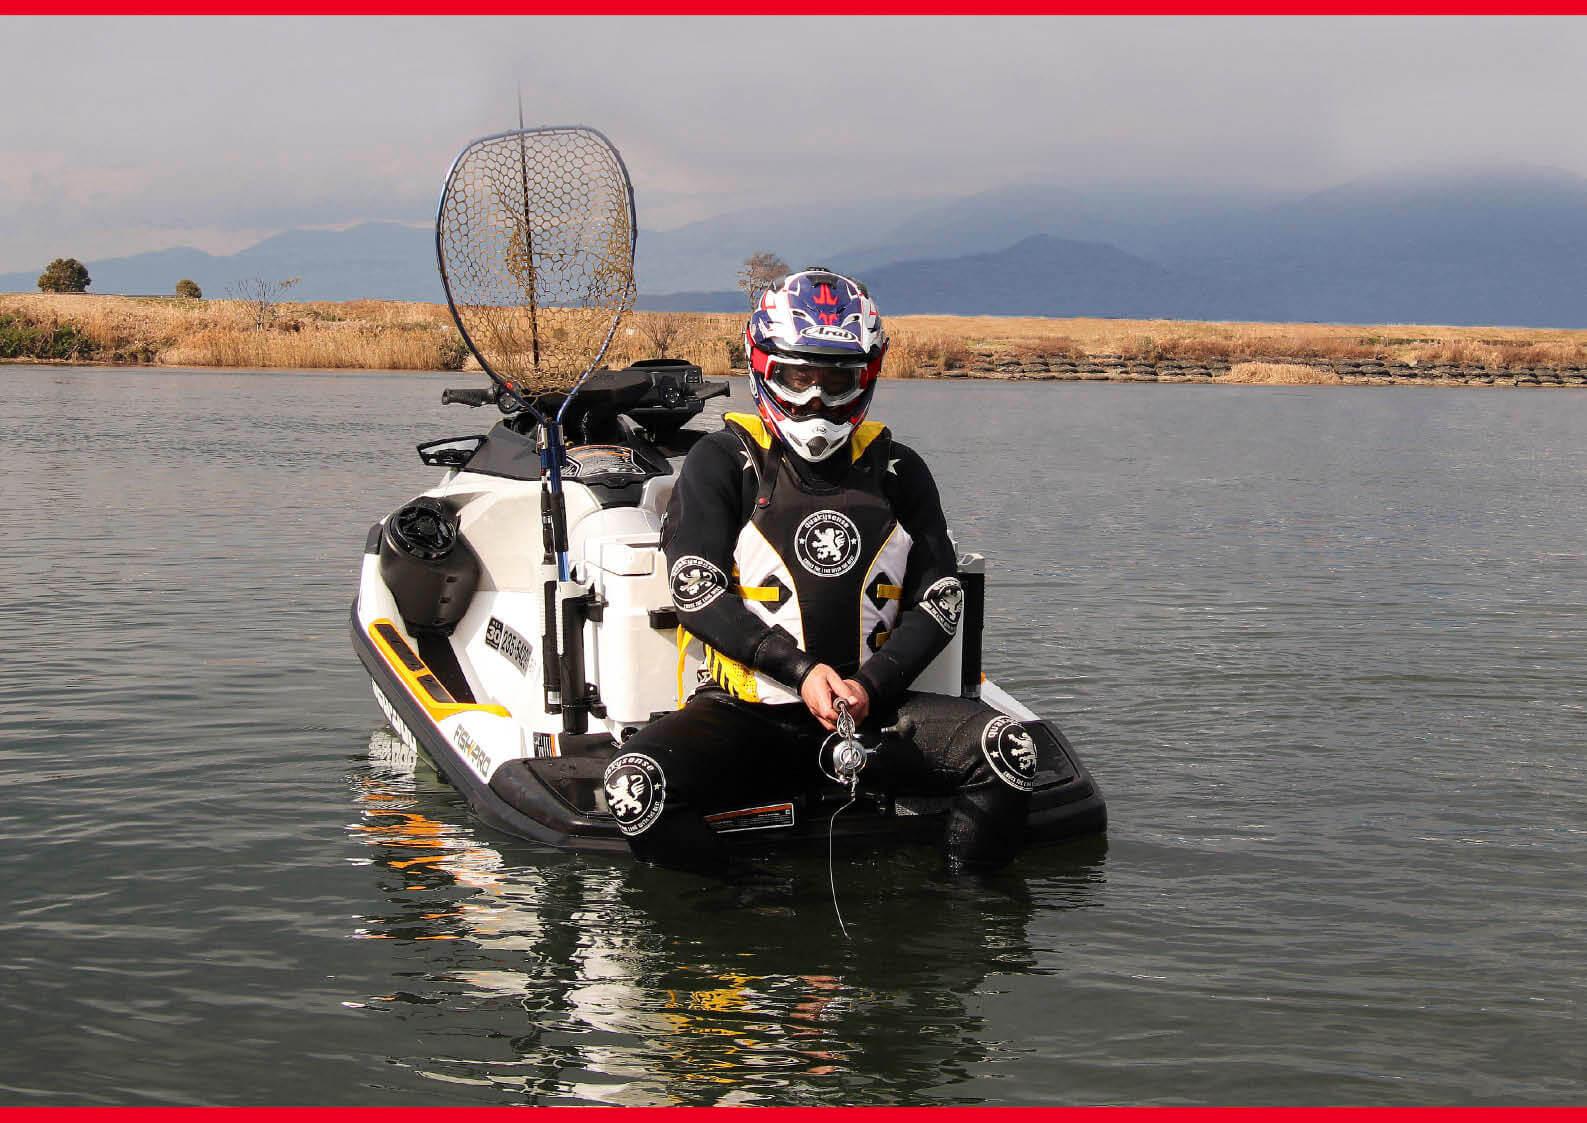 ジェットフィッシングの落とし穴、密漁者と間違われると「逮捕」です ジェットスキー(水上バイク)